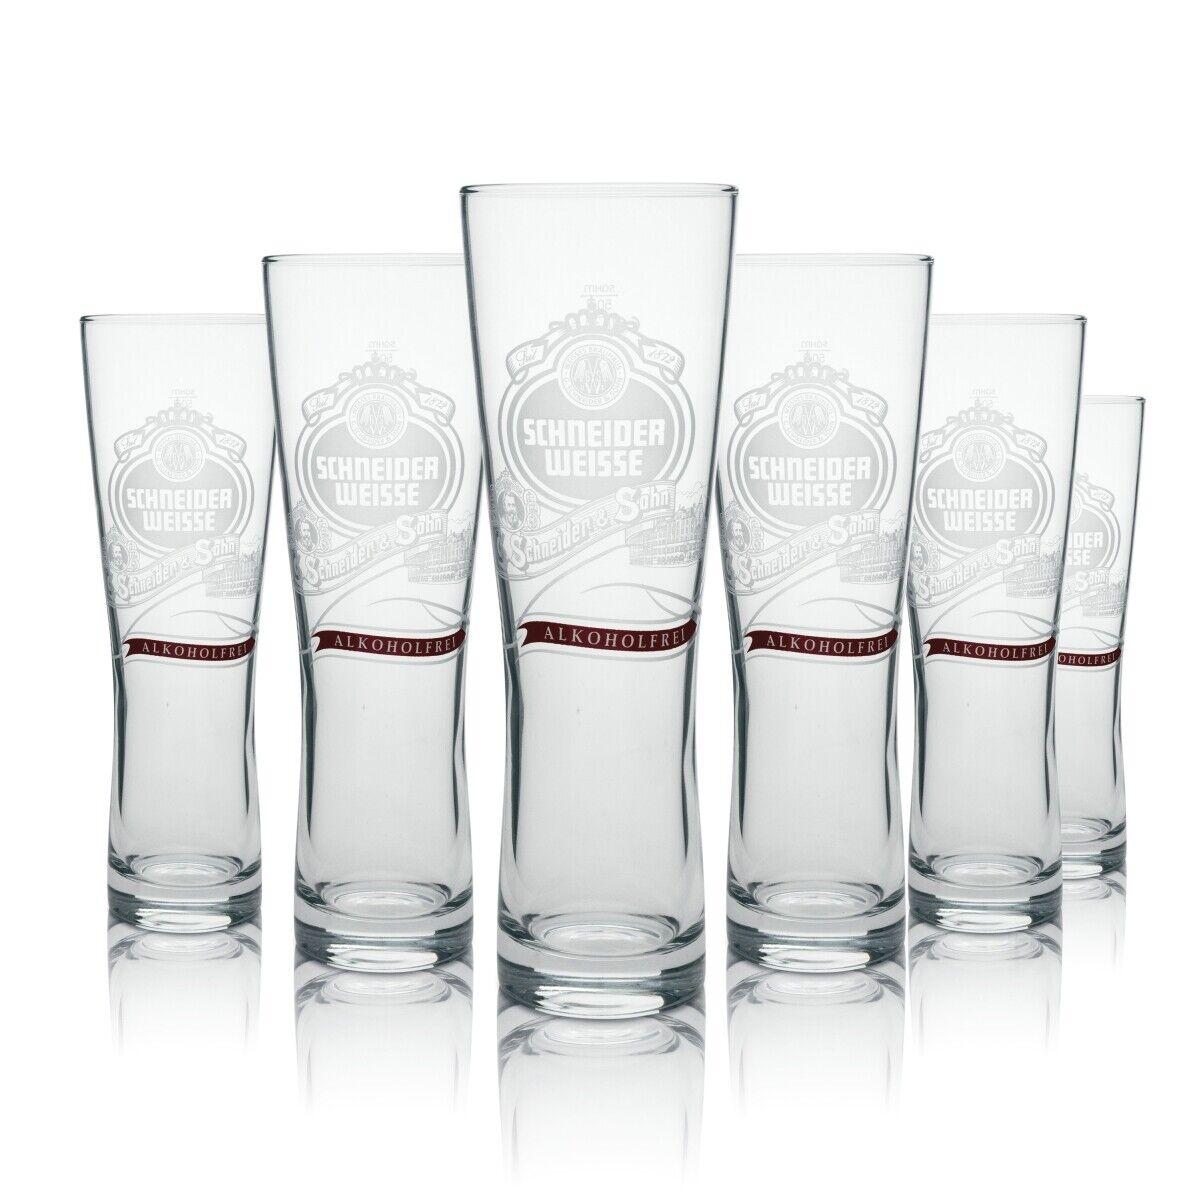 6x Schneider Weisse Bier Glas Weißbier Alkoholfrei Hefe Weizen 0,5l Sahm Gläser